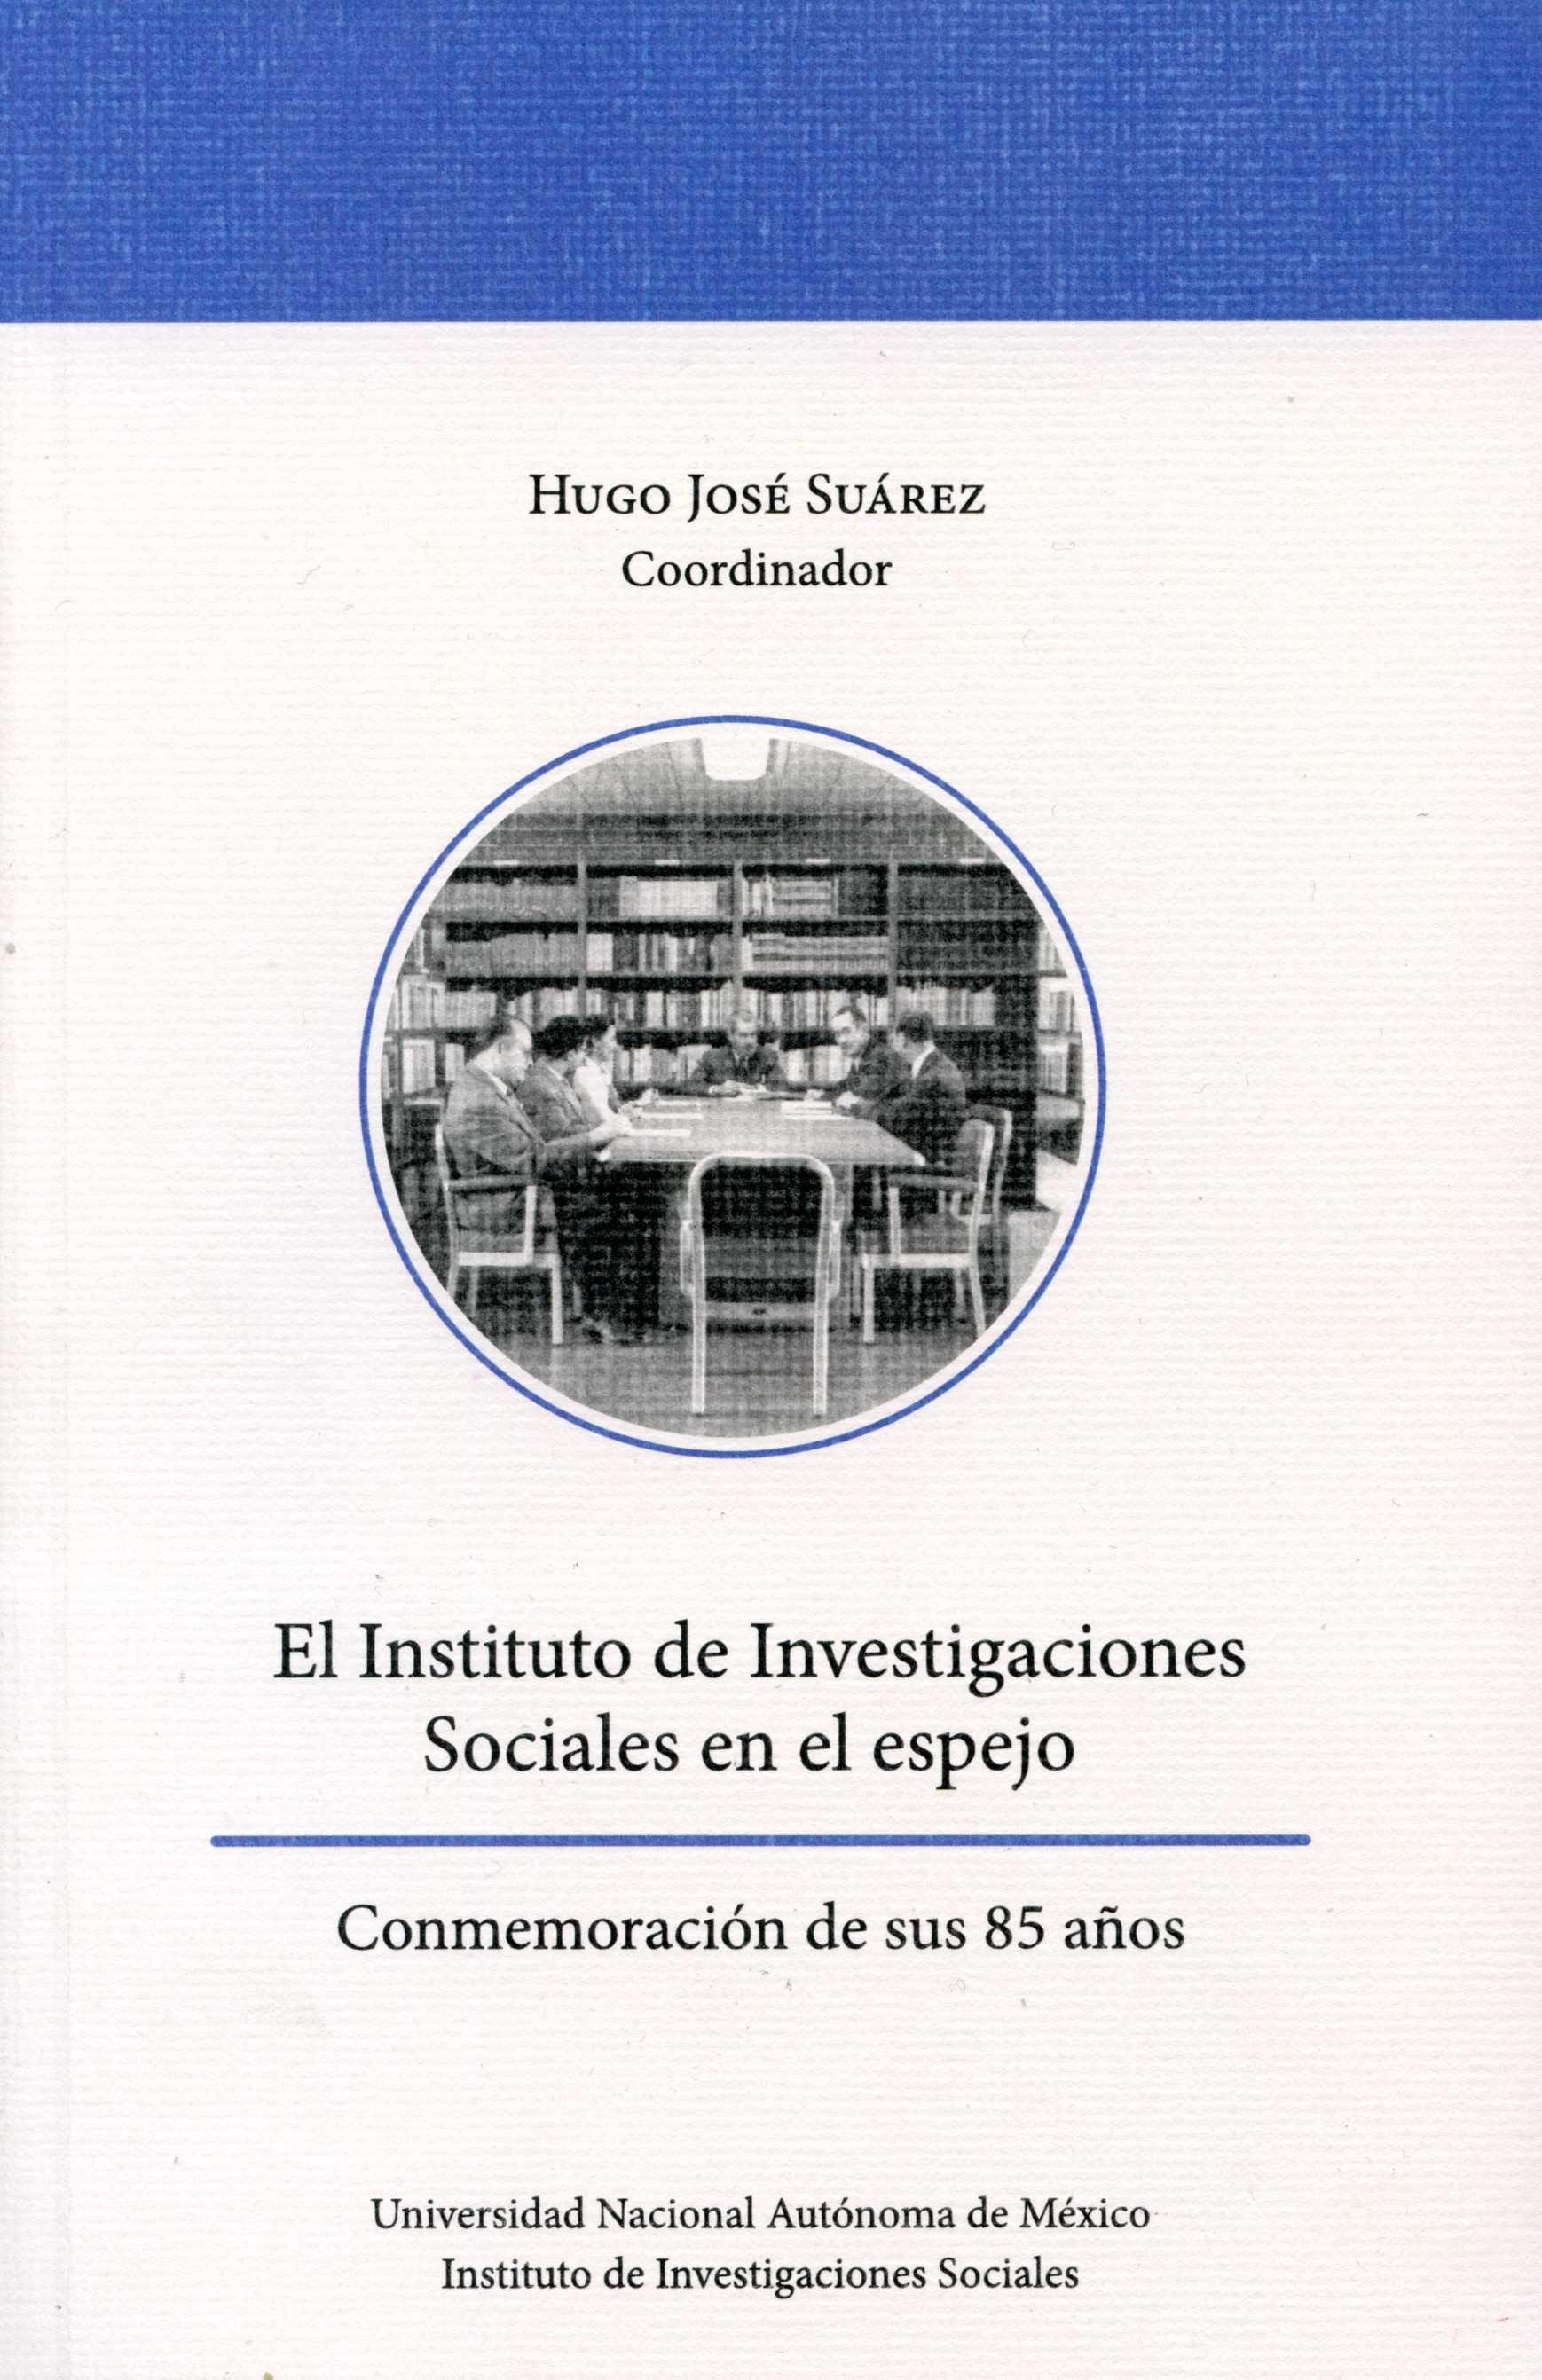 El Instituto de Investigaciones Sociales en el espejo: conmemoración de sus 85 años